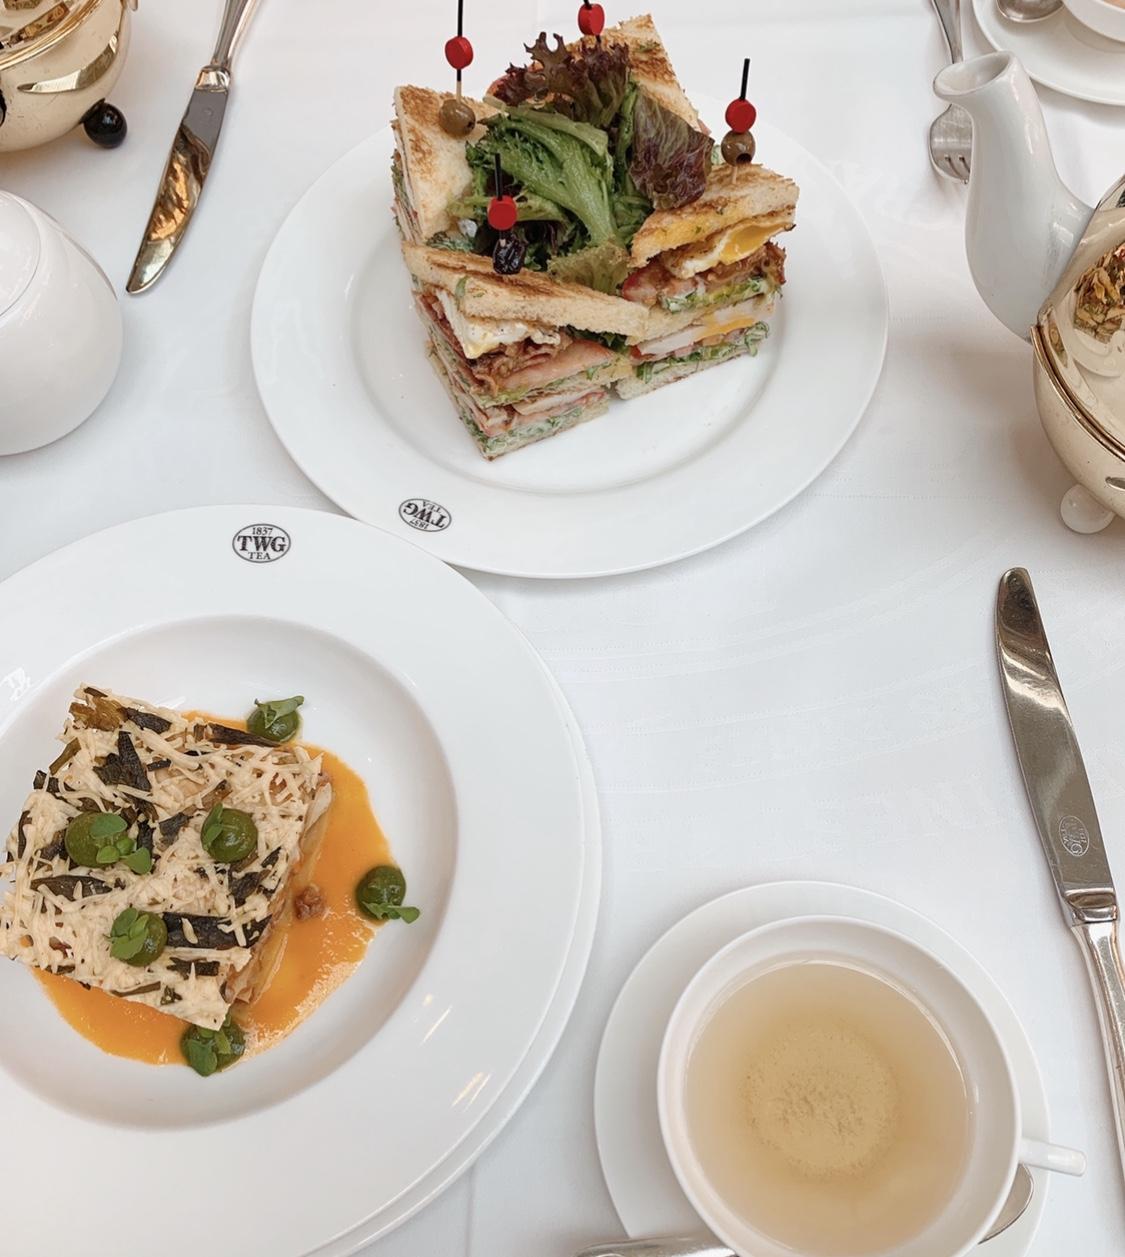 【シンガポール】紅茶が有名なTWG Tea on the Bay でランチ♪スイーツもフードも絶品【マリーナベイサンズ】_2